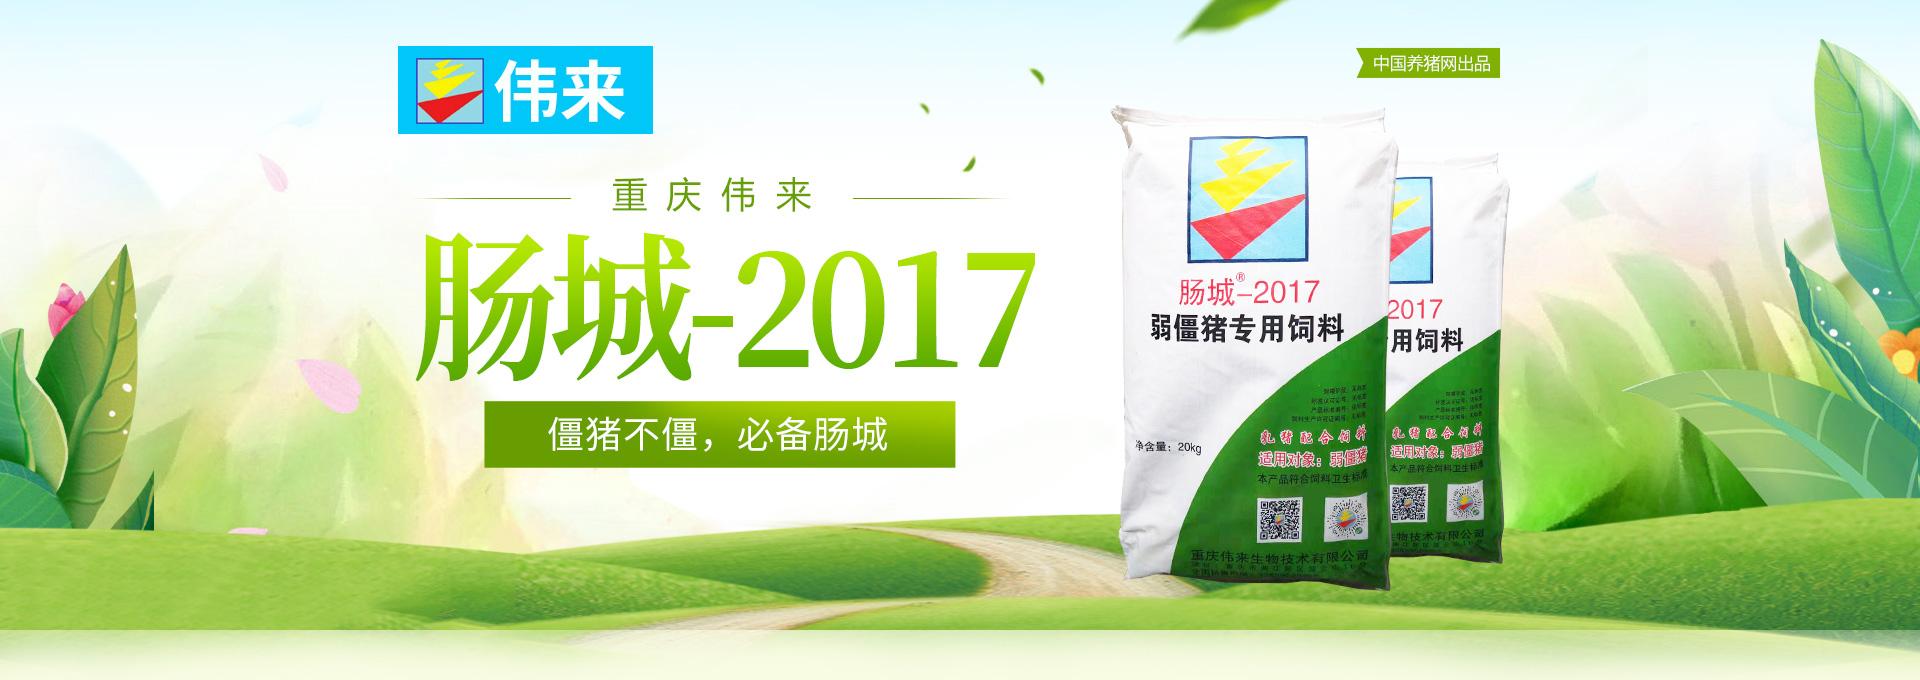 重庆伟来肠城-2017饲料